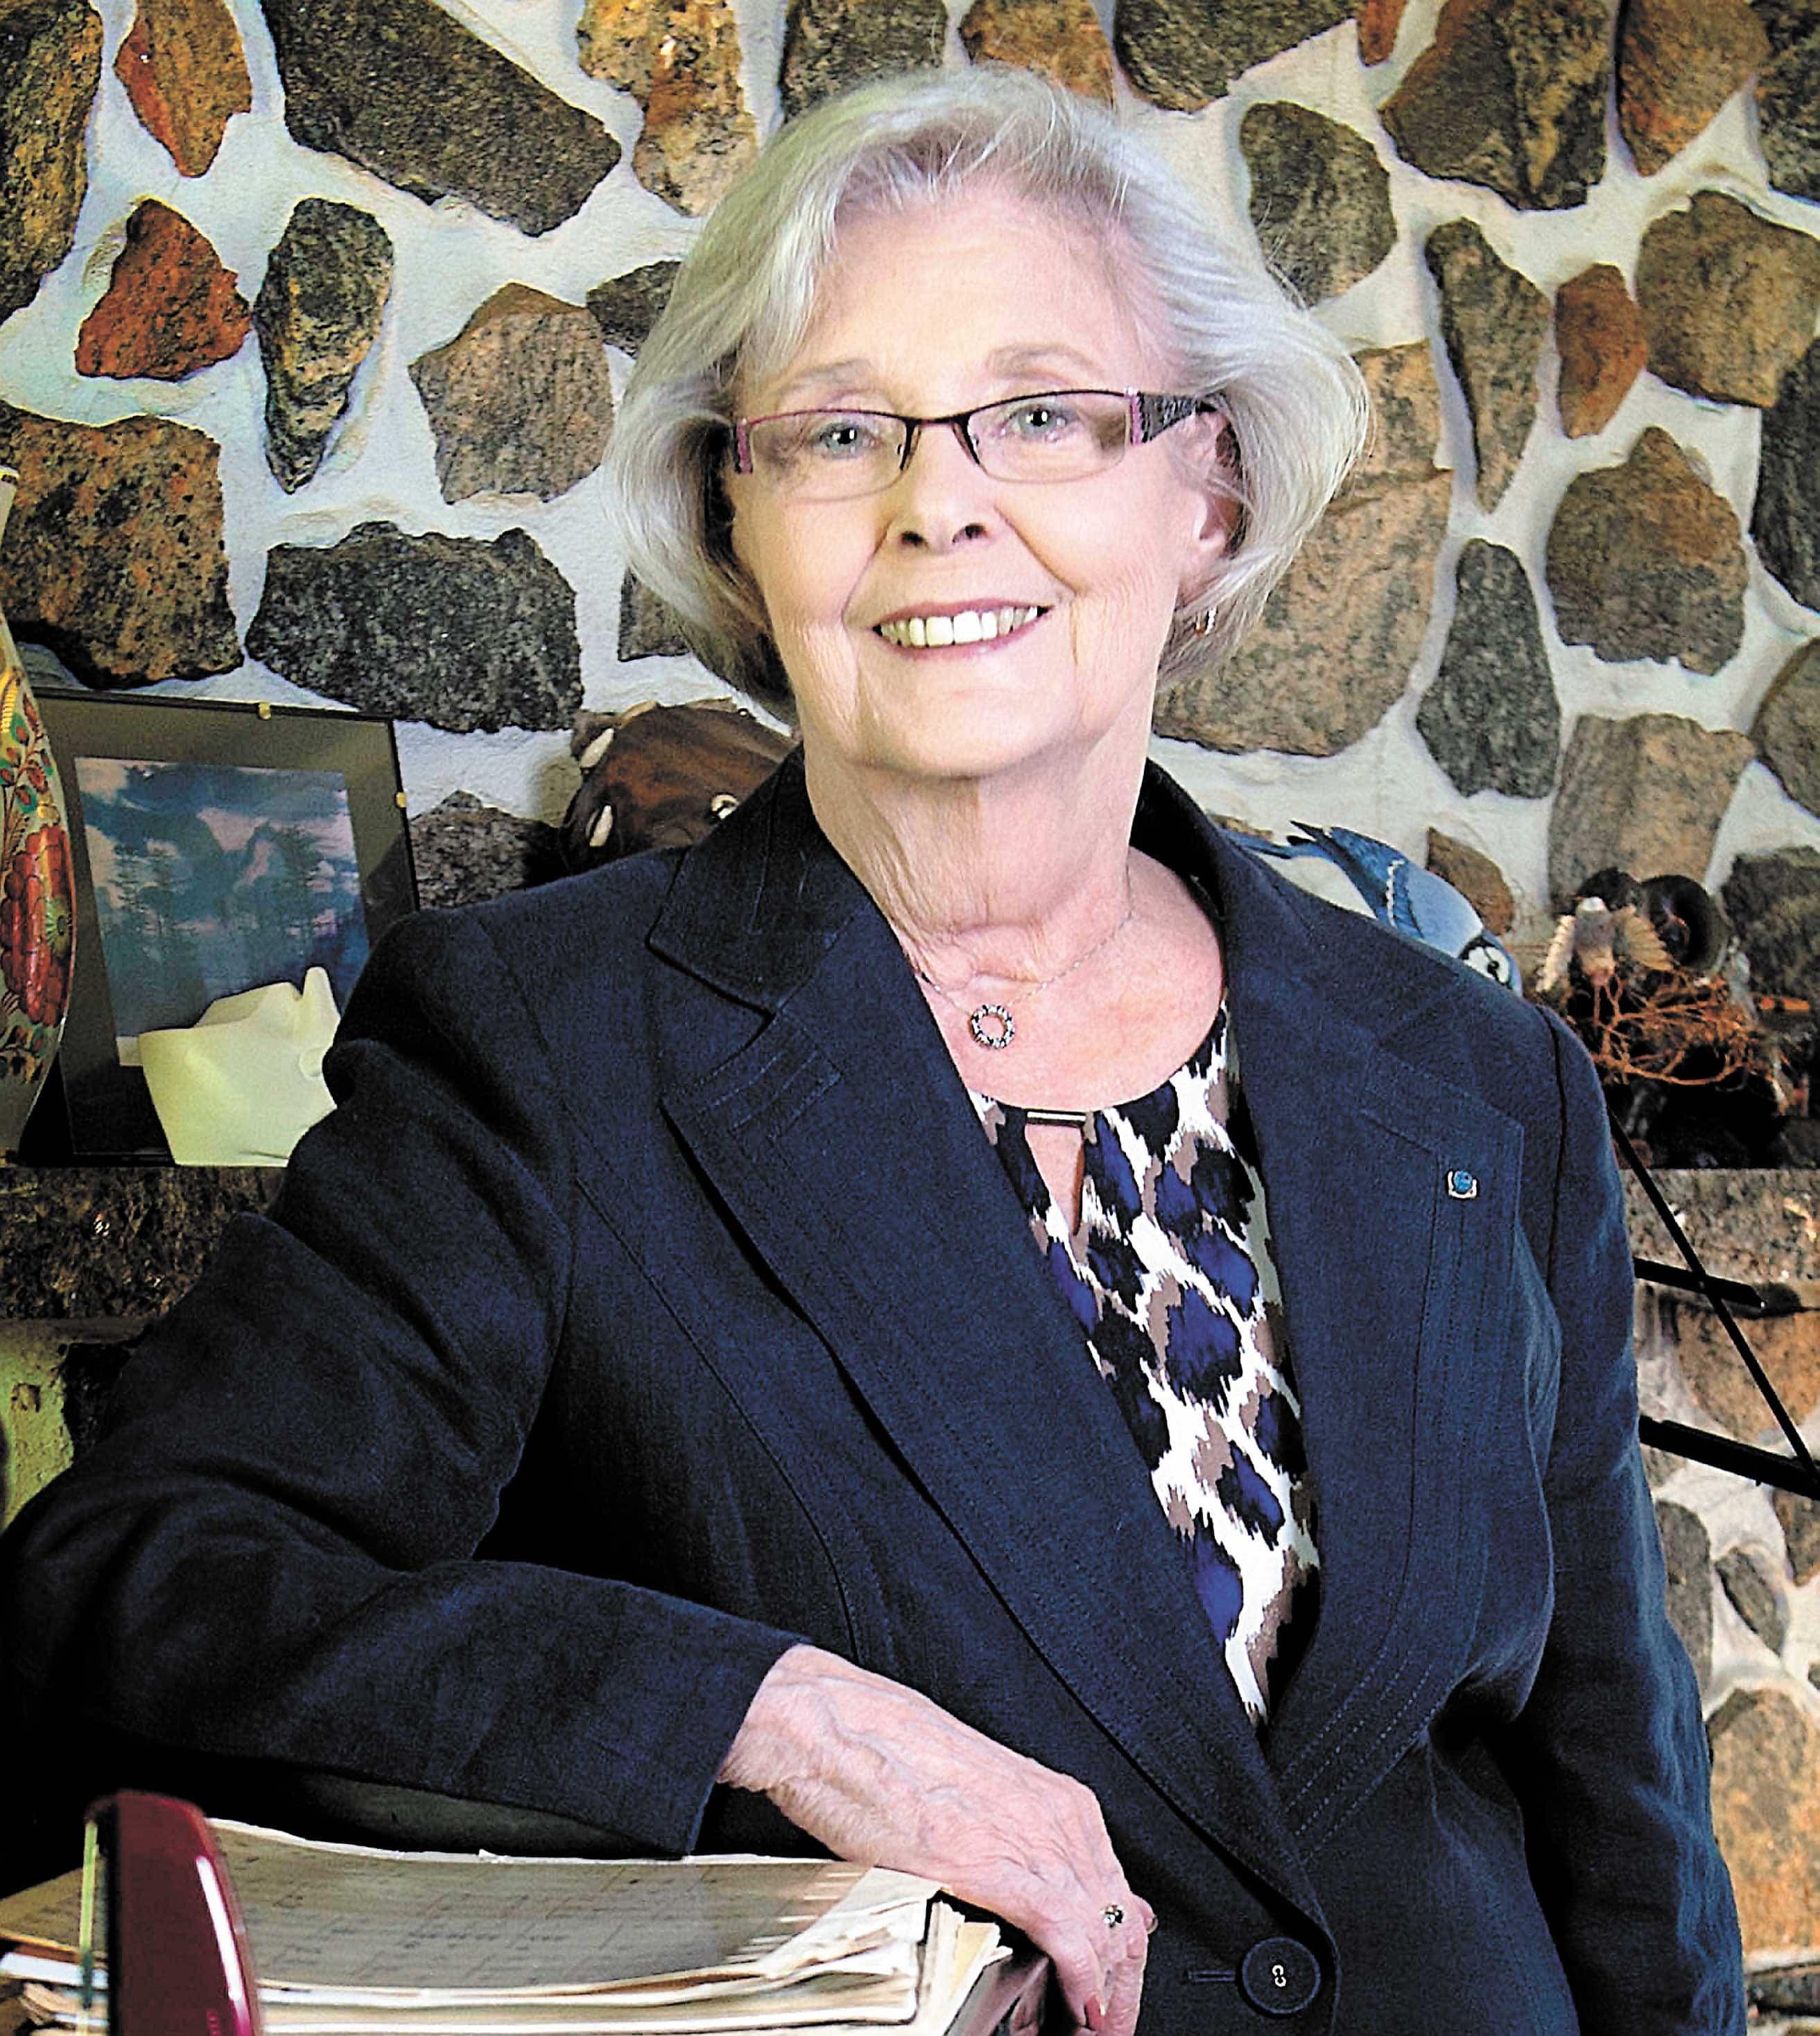 Caroline Brasch Nielsen DEN 2 2011, 2013,Michael Ripper (1913?000) XXX photo Brenda Blethyn (born 1946),Pat Bishop